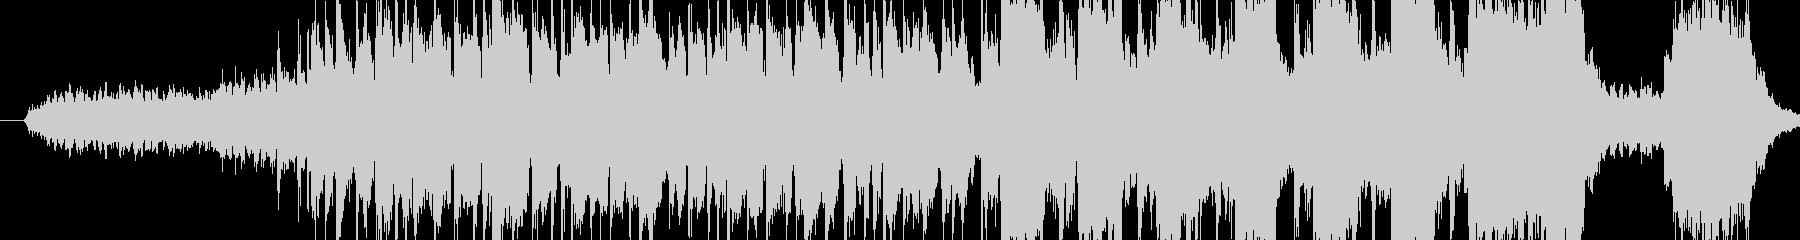 ・予告映像に合わせた楽曲として作りまし…の未再生の波形